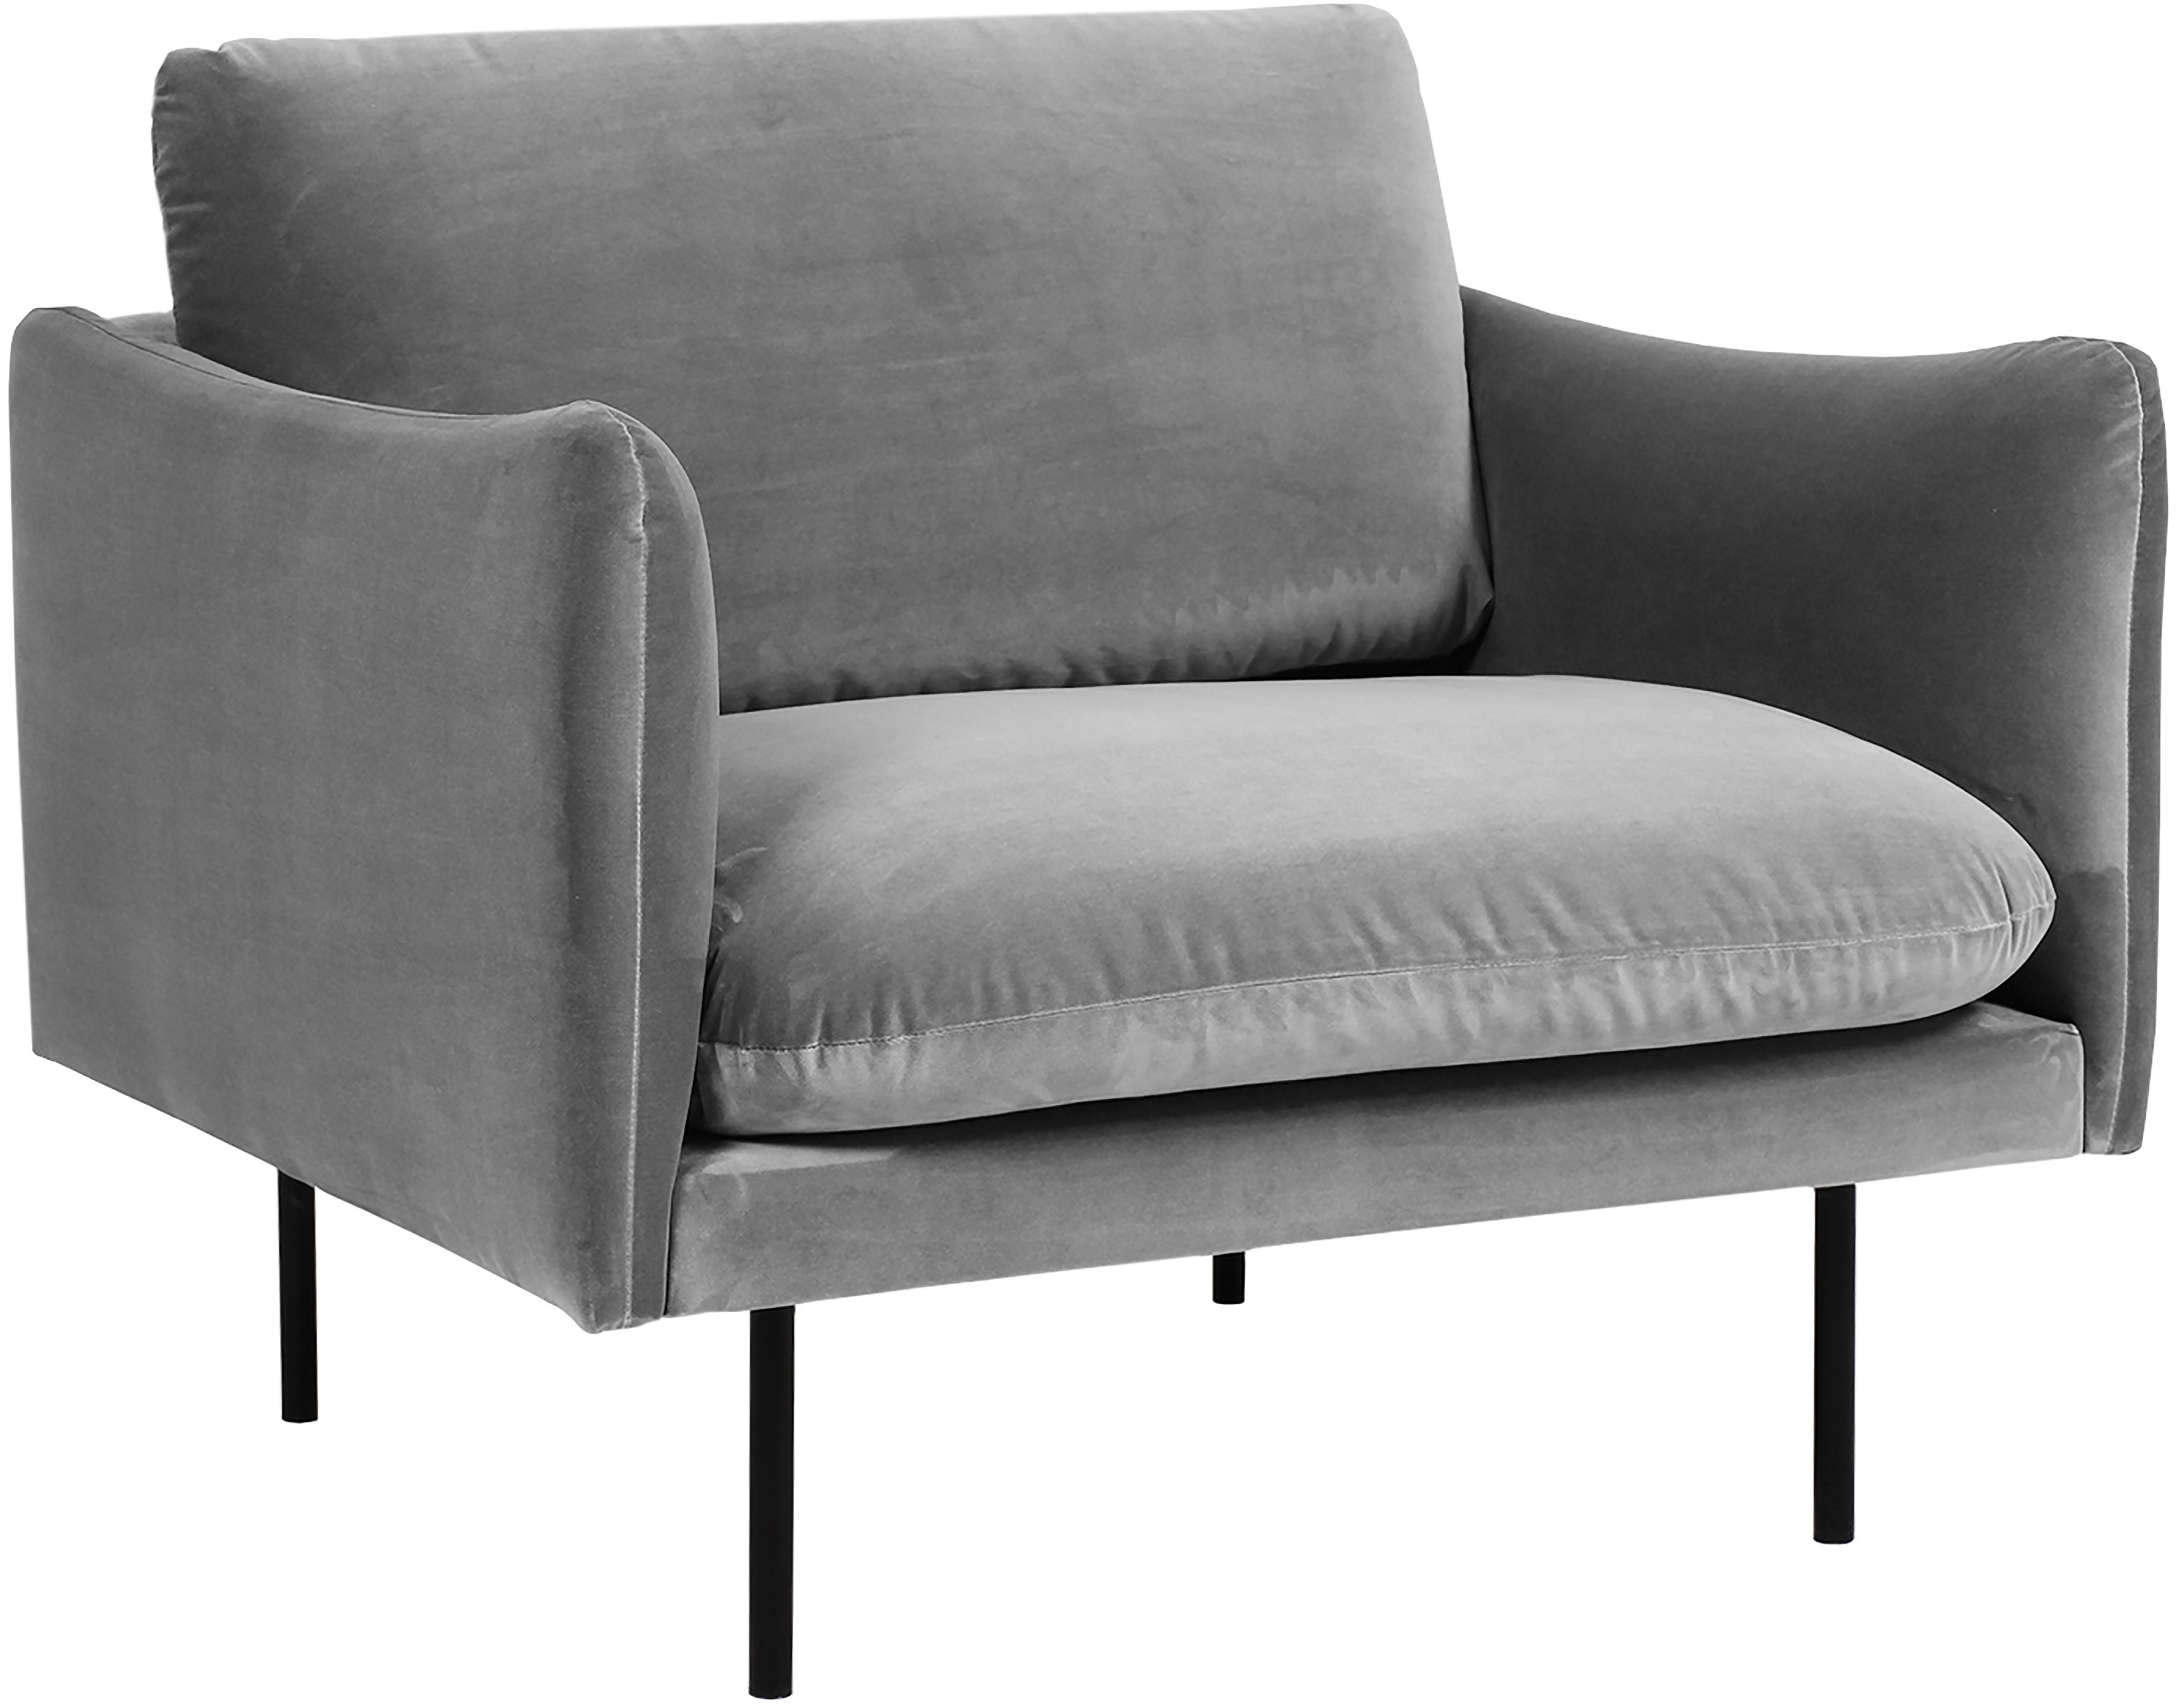 Fluwelen fauteuil Moby, Bekleding: fluweel (hoogwaardige pol, Frame: massief grenenhout, Poten: gepoedercoat metaal, Grijs, B 90 x D 90 cm